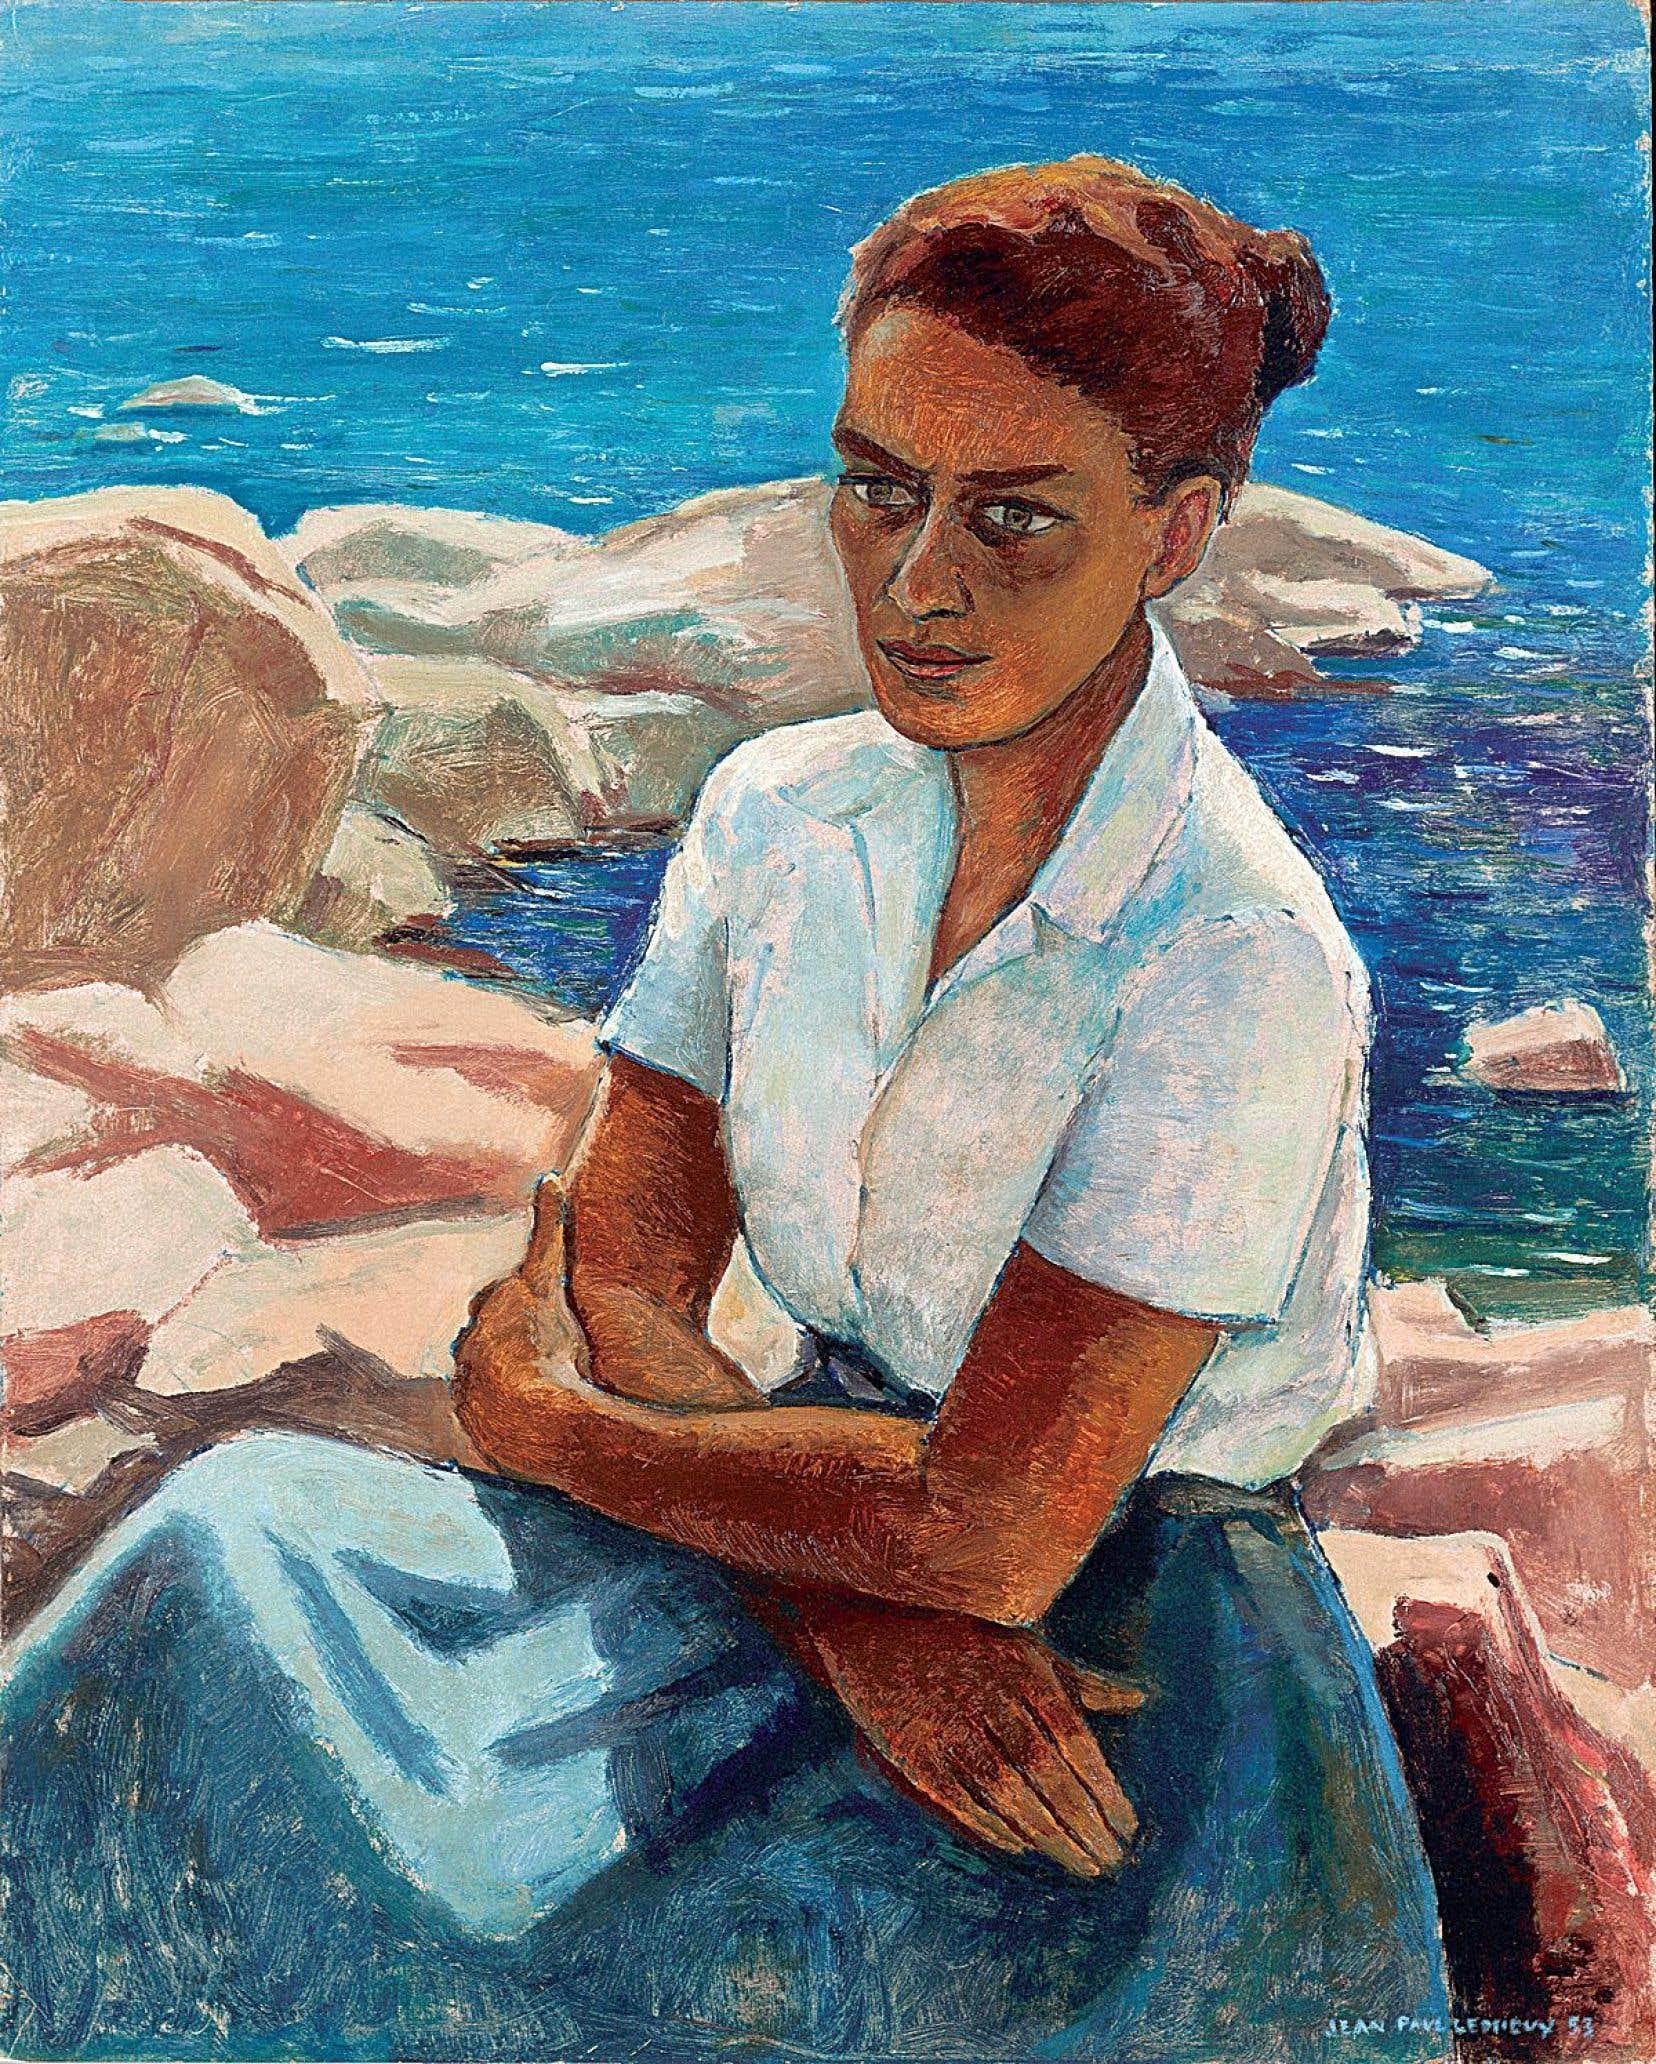 Tableau à l'huile de Jean Paul Lemieux, 1953. L'œuvre a été acquise par Gabrielle Roy, puis Marcel Carbotte, après qu'il en a hérité, l'a cédée à la bibliothèque Gabrielle-Roy de Québec. Elle fait partie de la collection de l'Institut canadien de Québec.